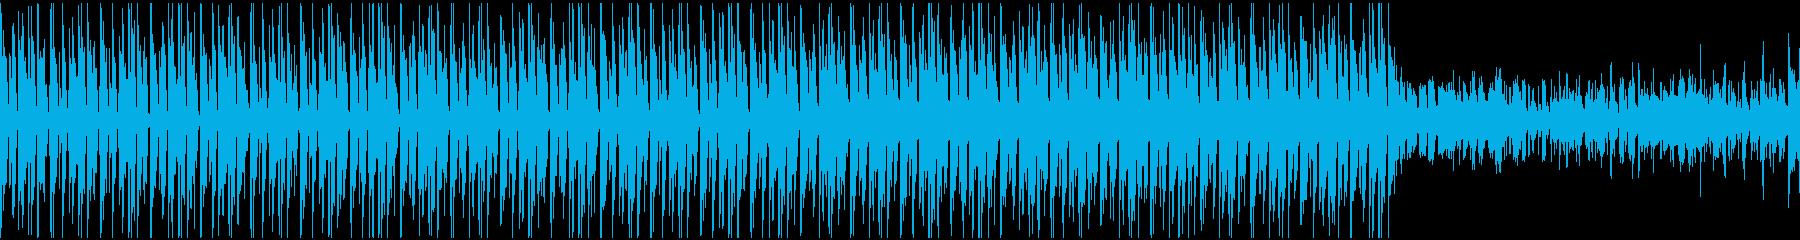 潜入・対峙のシーン/ロック・グランジの再生済みの波形